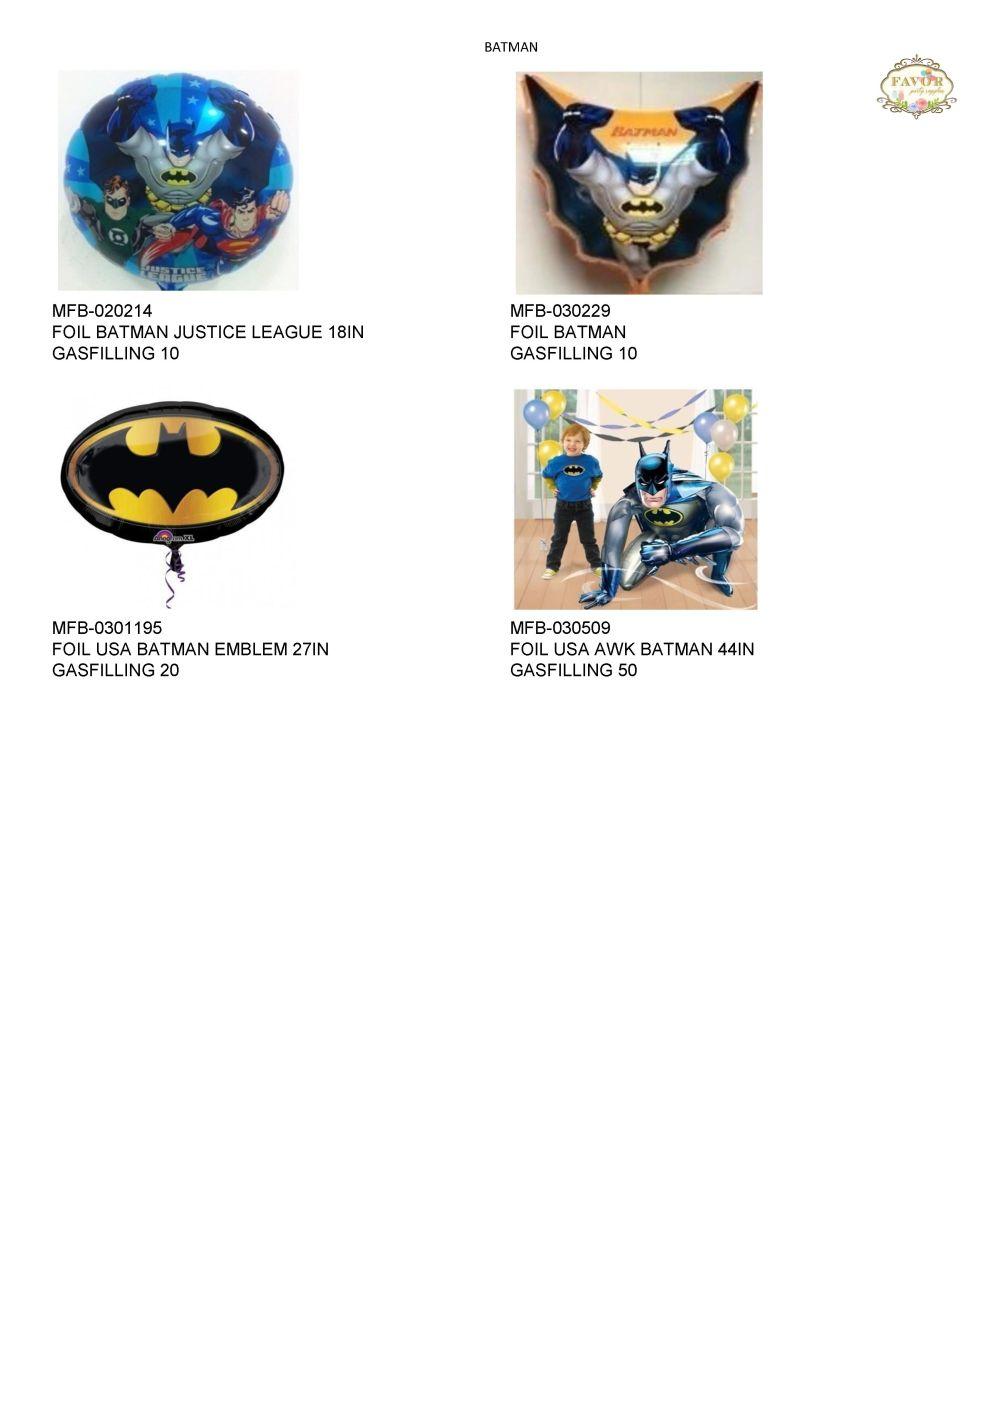 katalog batman.jpg